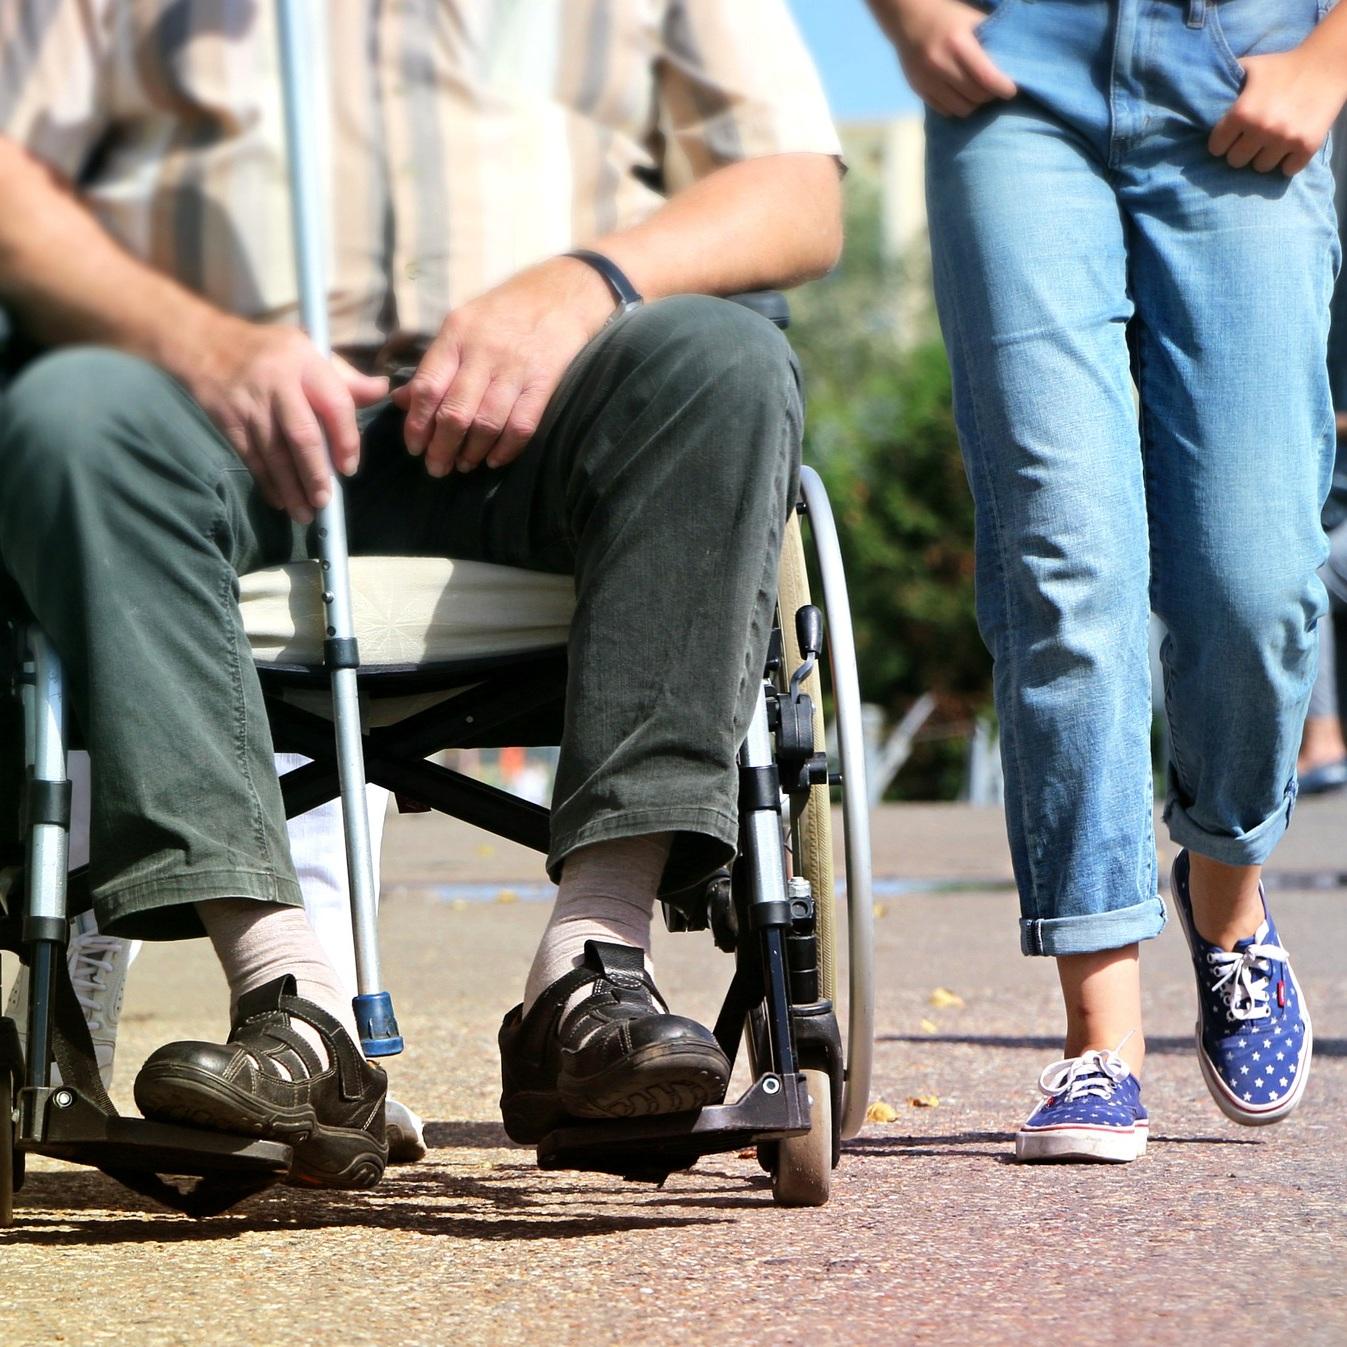 wheelchair-1629490_1920.jpg